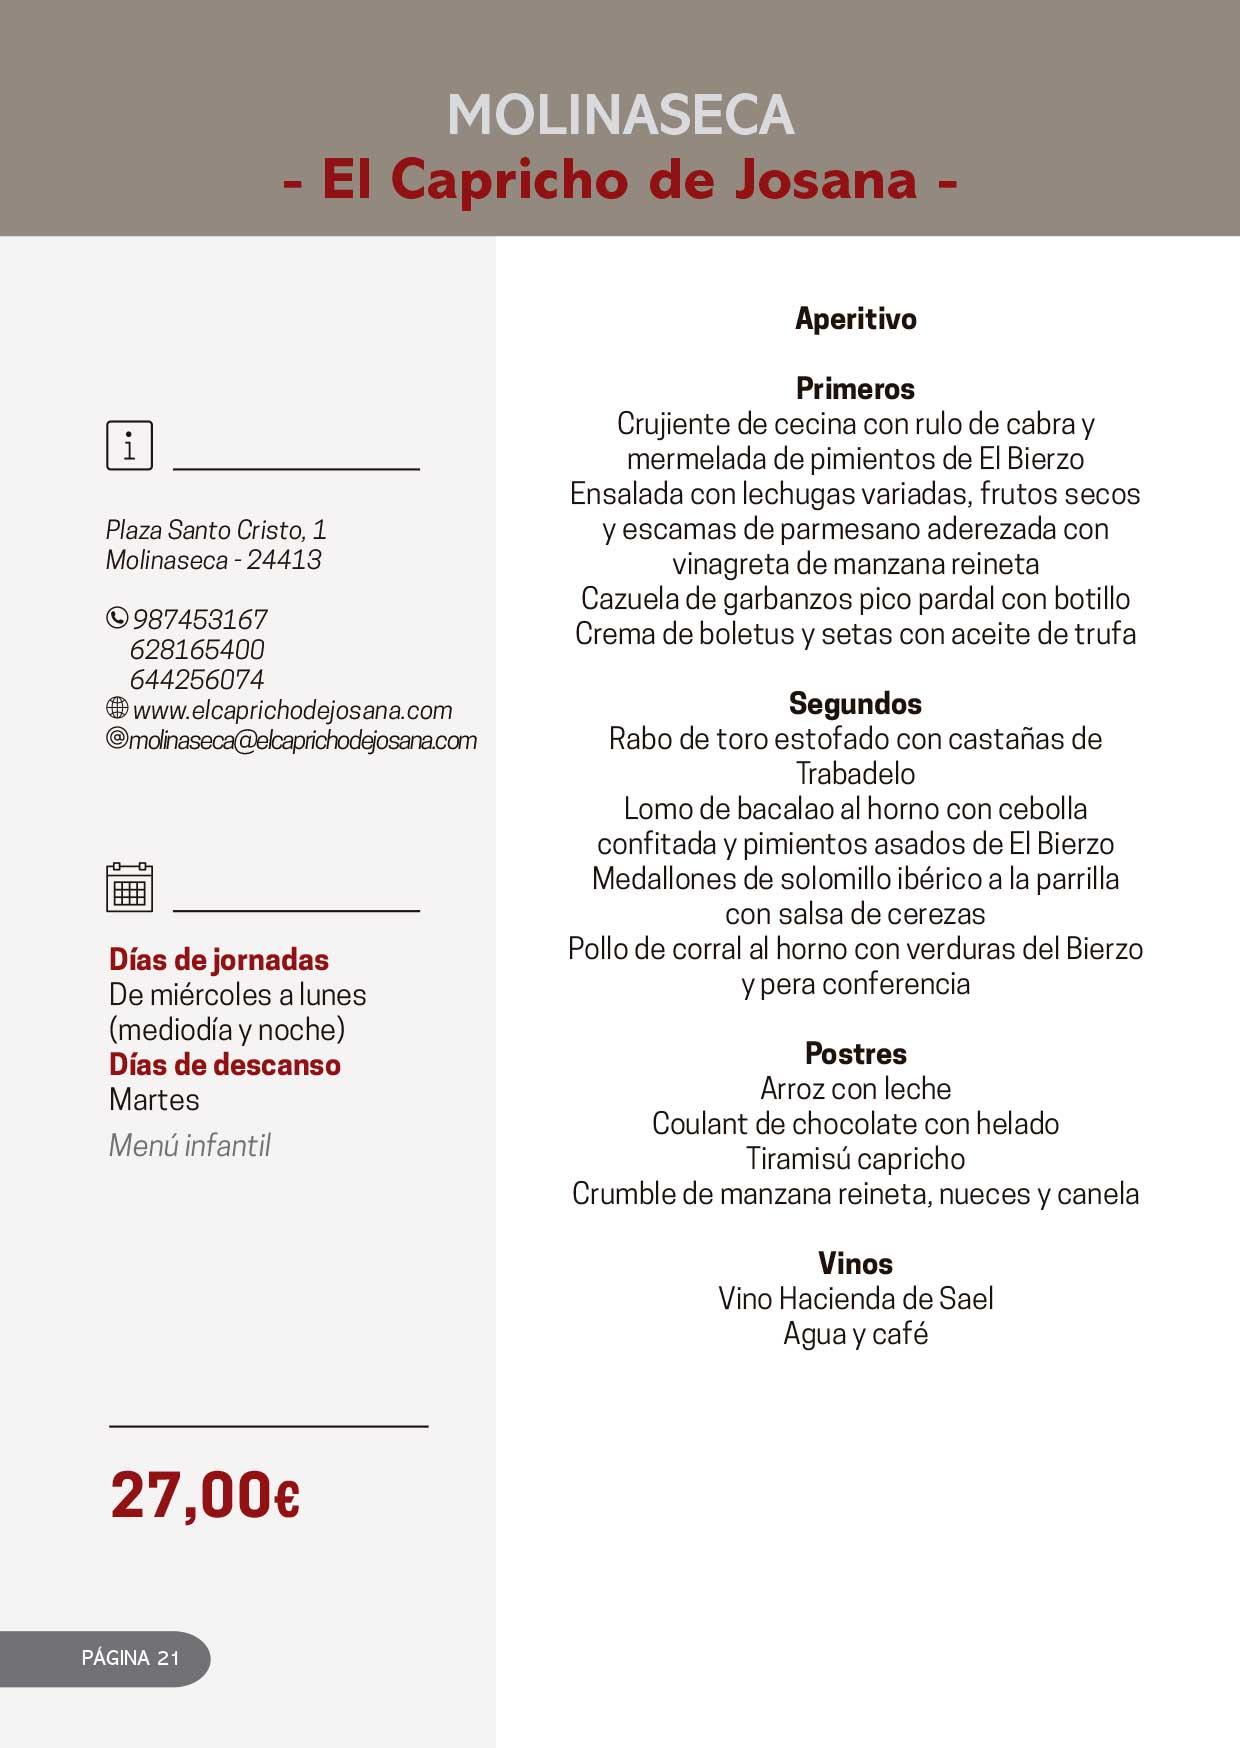 Las Jornadas Gastronómicas del Bierzo llegan a su 34 edición 39